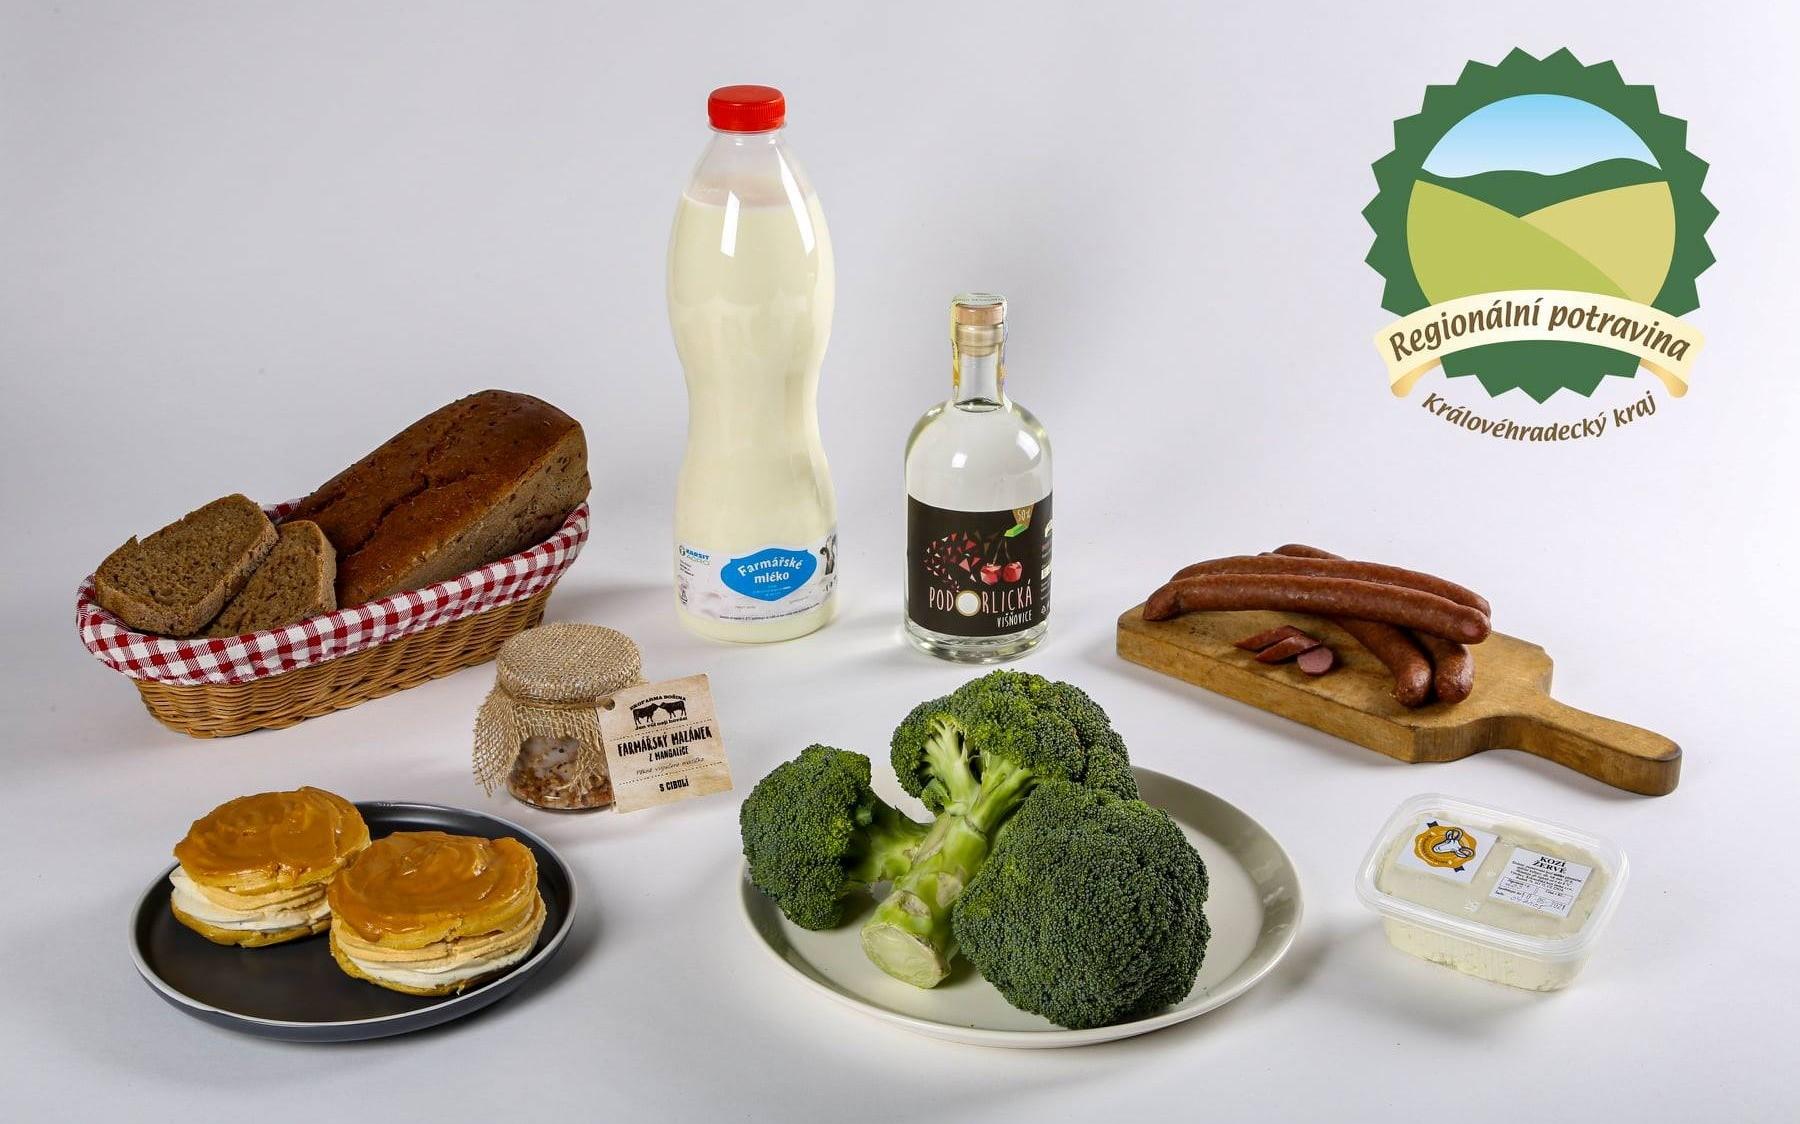 Regionální potravina 2021 - návrh udělení značky pro brokolici